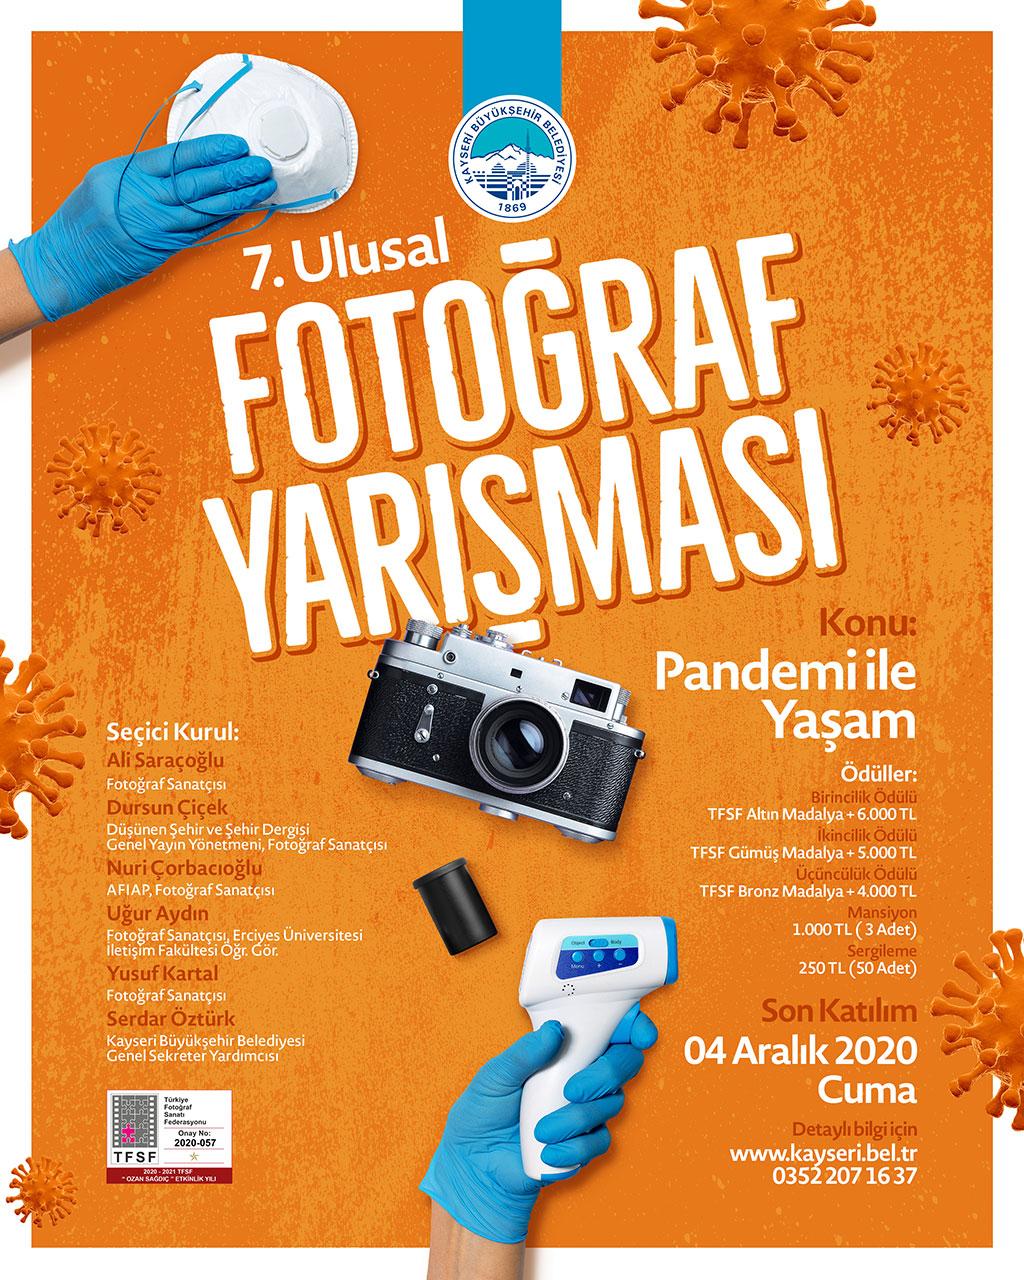 Büyükşehir'den 7'nci Ulusal Fotoğraf Yarışması